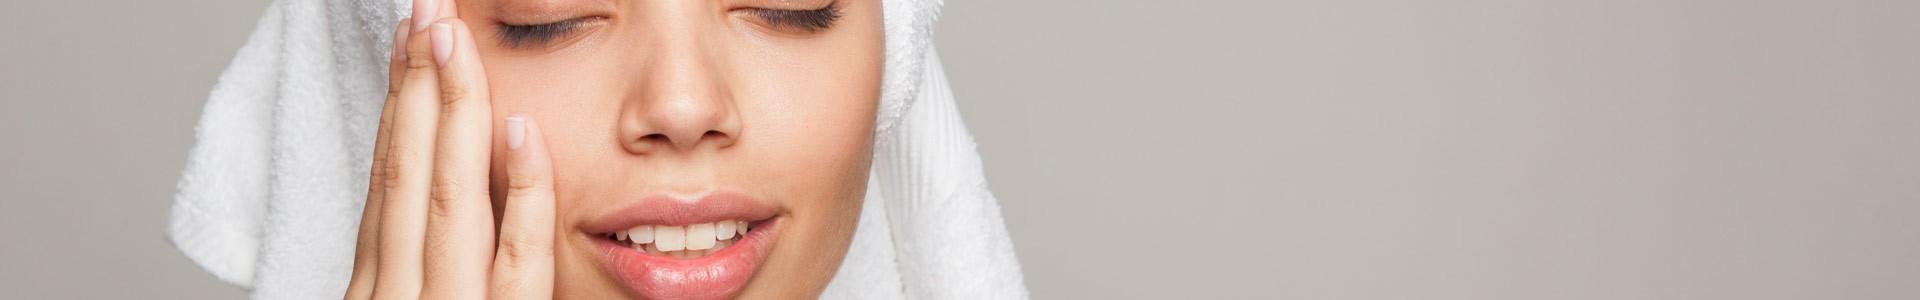 Arganöl-Serum für die Pflege von Haut und Haar